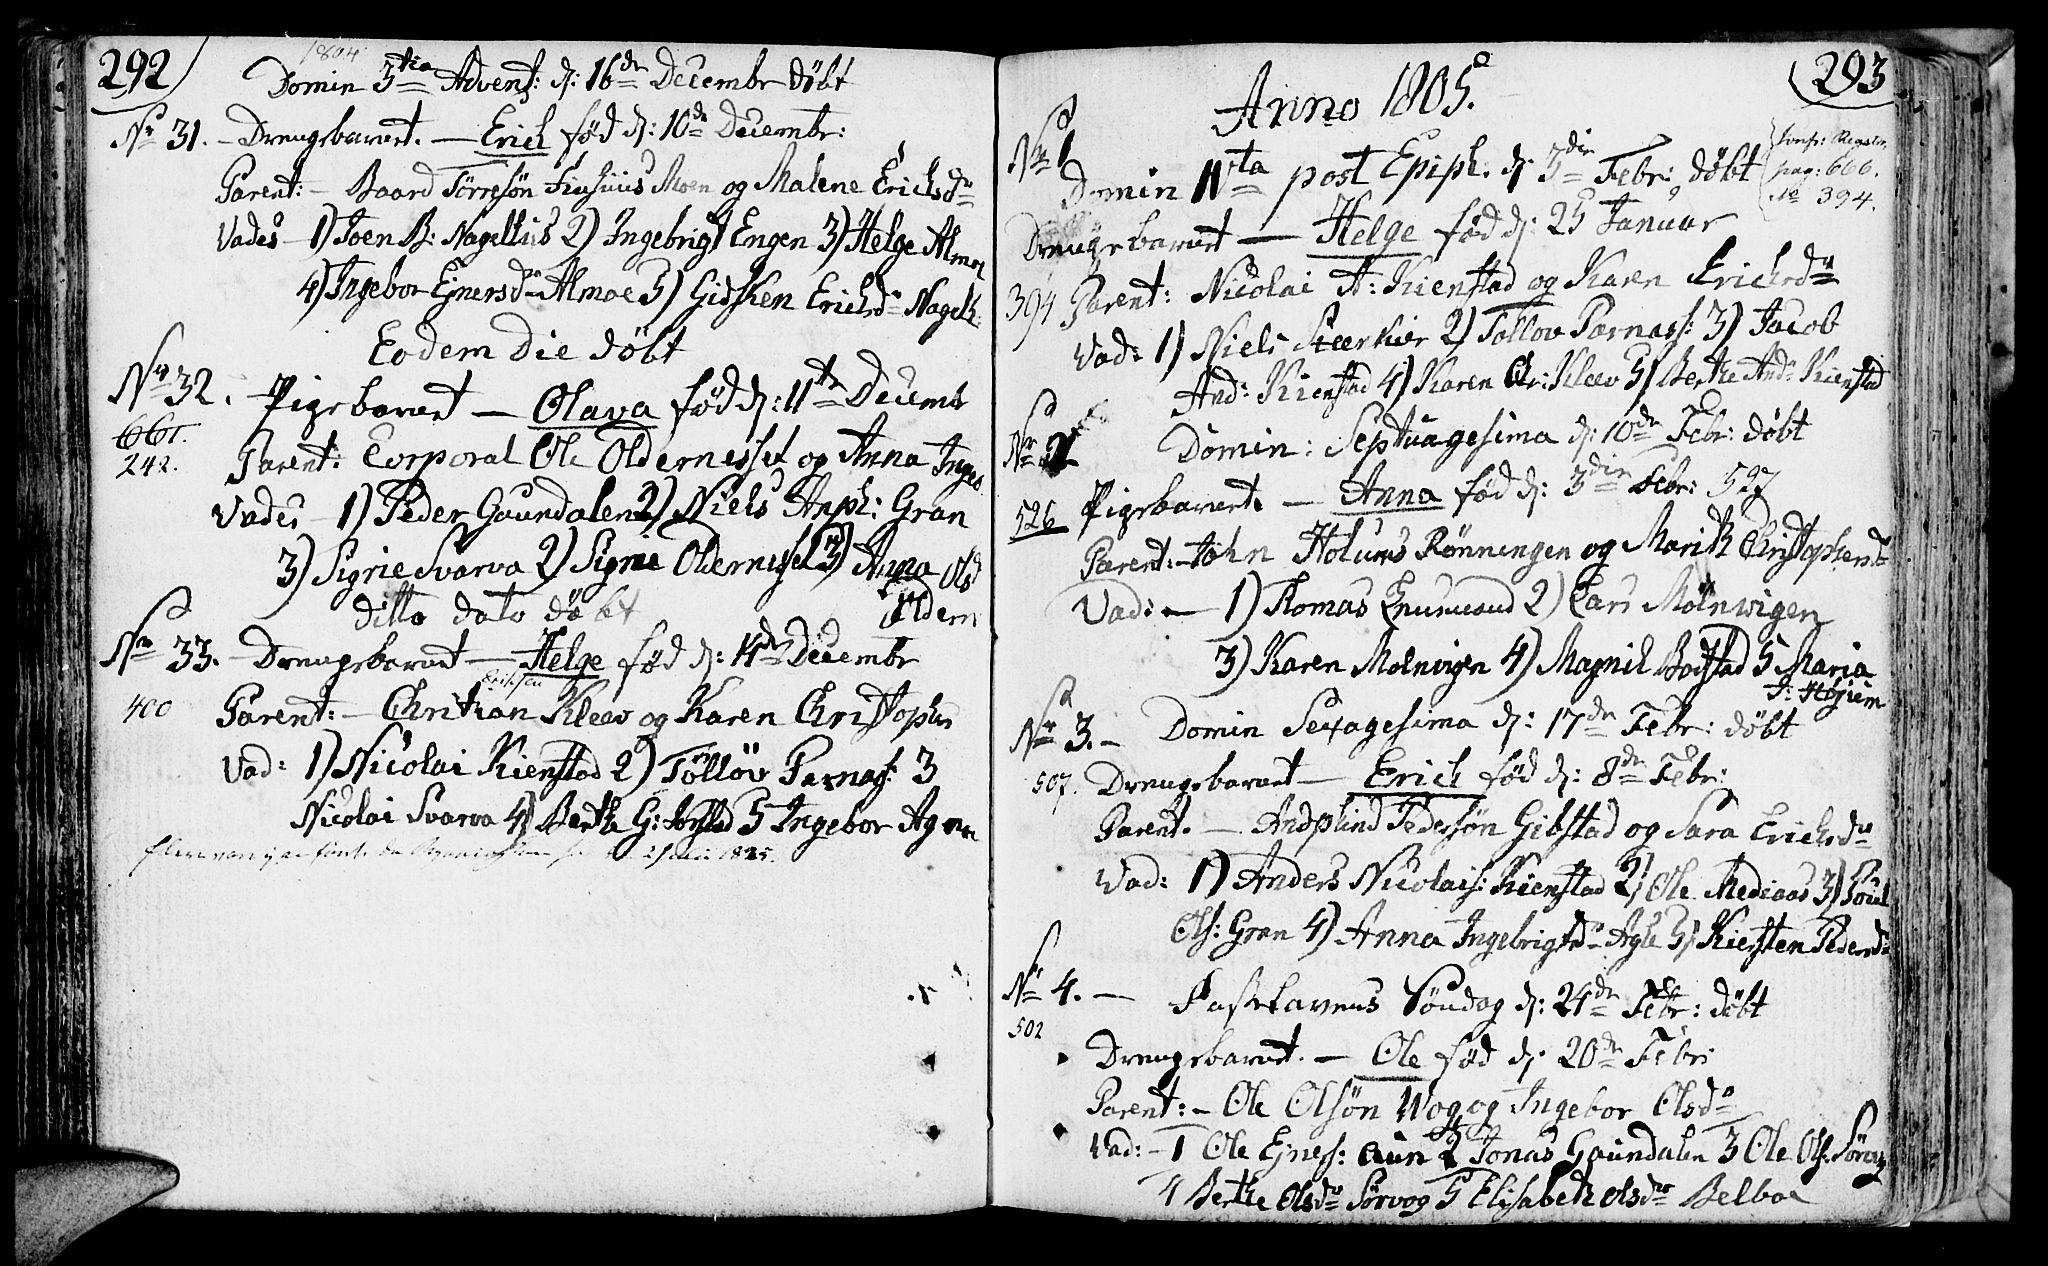 SAT, Ministerialprotokoller, klokkerbøker og fødselsregistre - Nord-Trøndelag, 749/L0468: Ministerialbok nr. 749A02, 1787-1817, s. 292-293